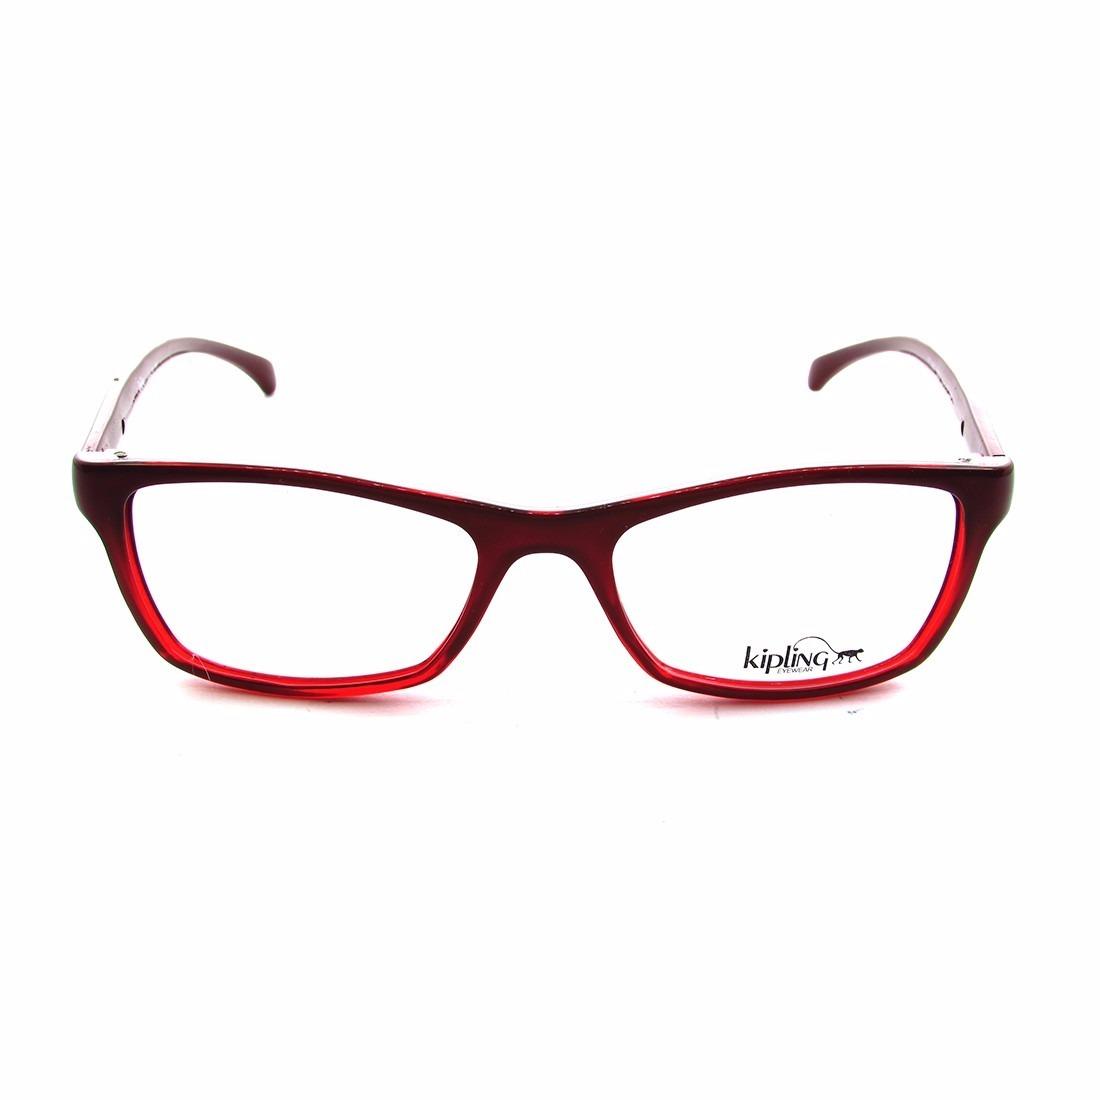 Armação De Óculos Kipling Kp3059 E903 51 - R  342,00 em Mercado Livre fe912e665a